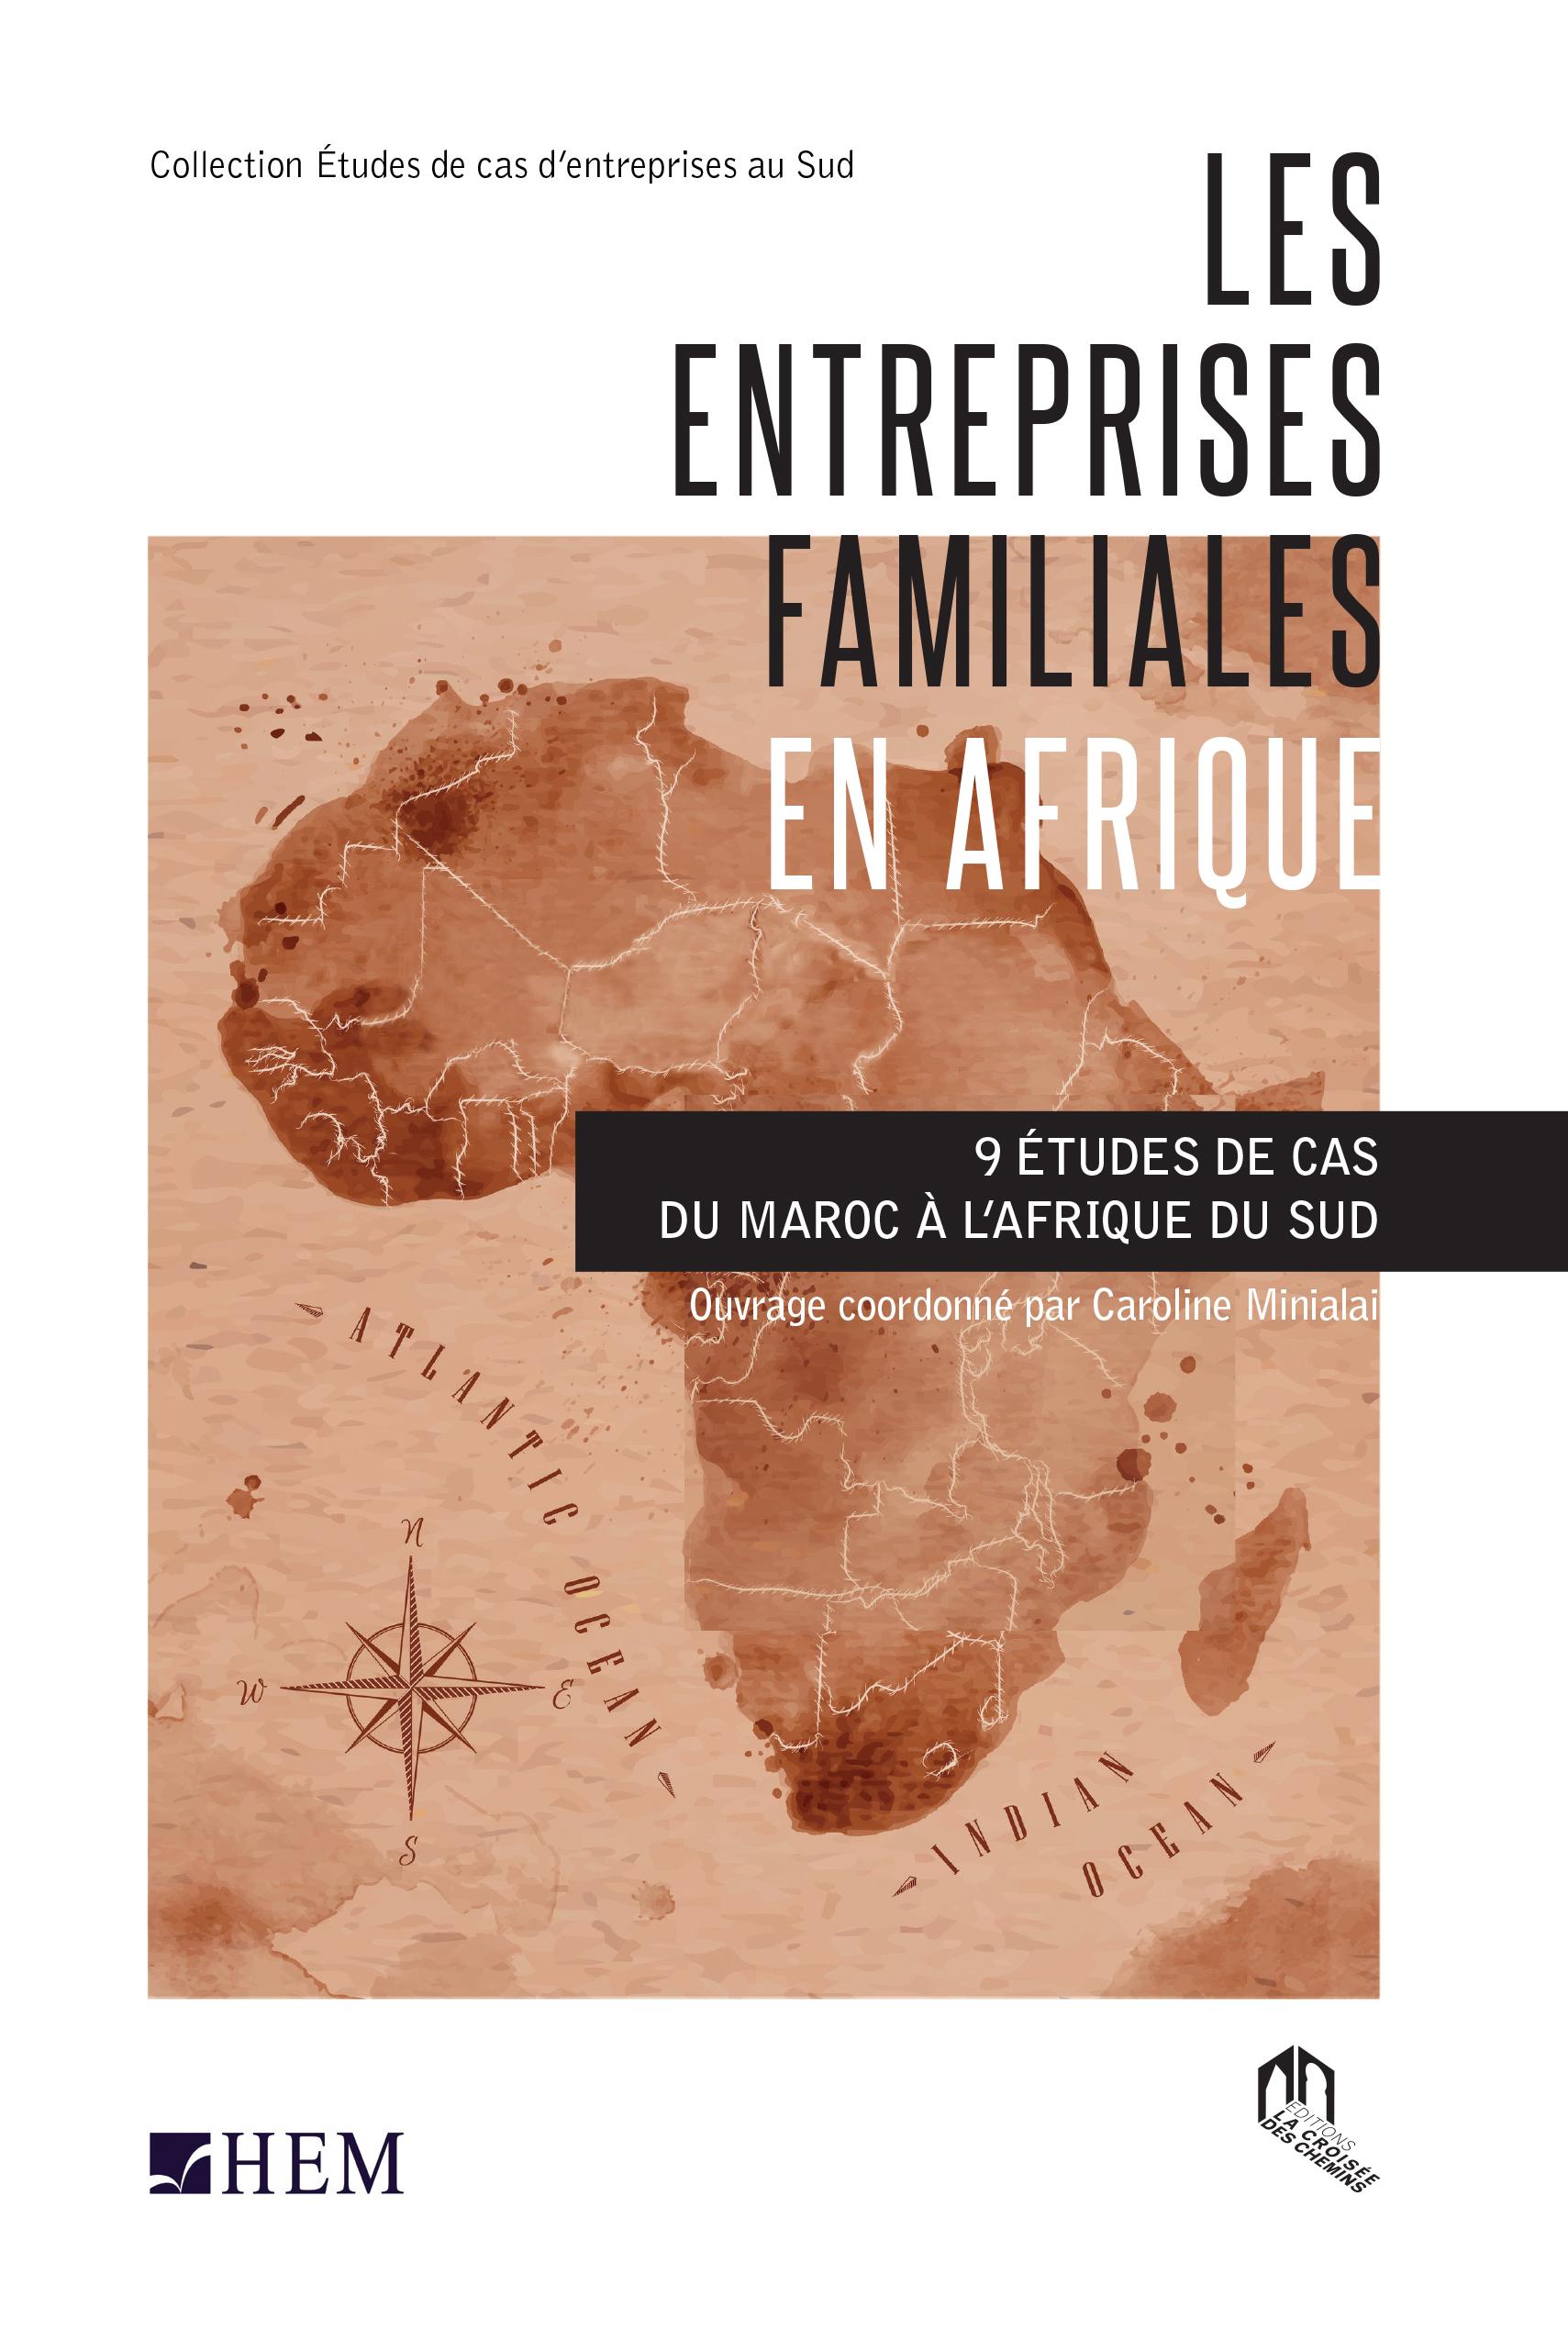 ENTREPRISES FAMILIALES EN AFRIQUE : 9 ETUDES DE CAS DU MAROC A L'AFRIQUE DU SUD